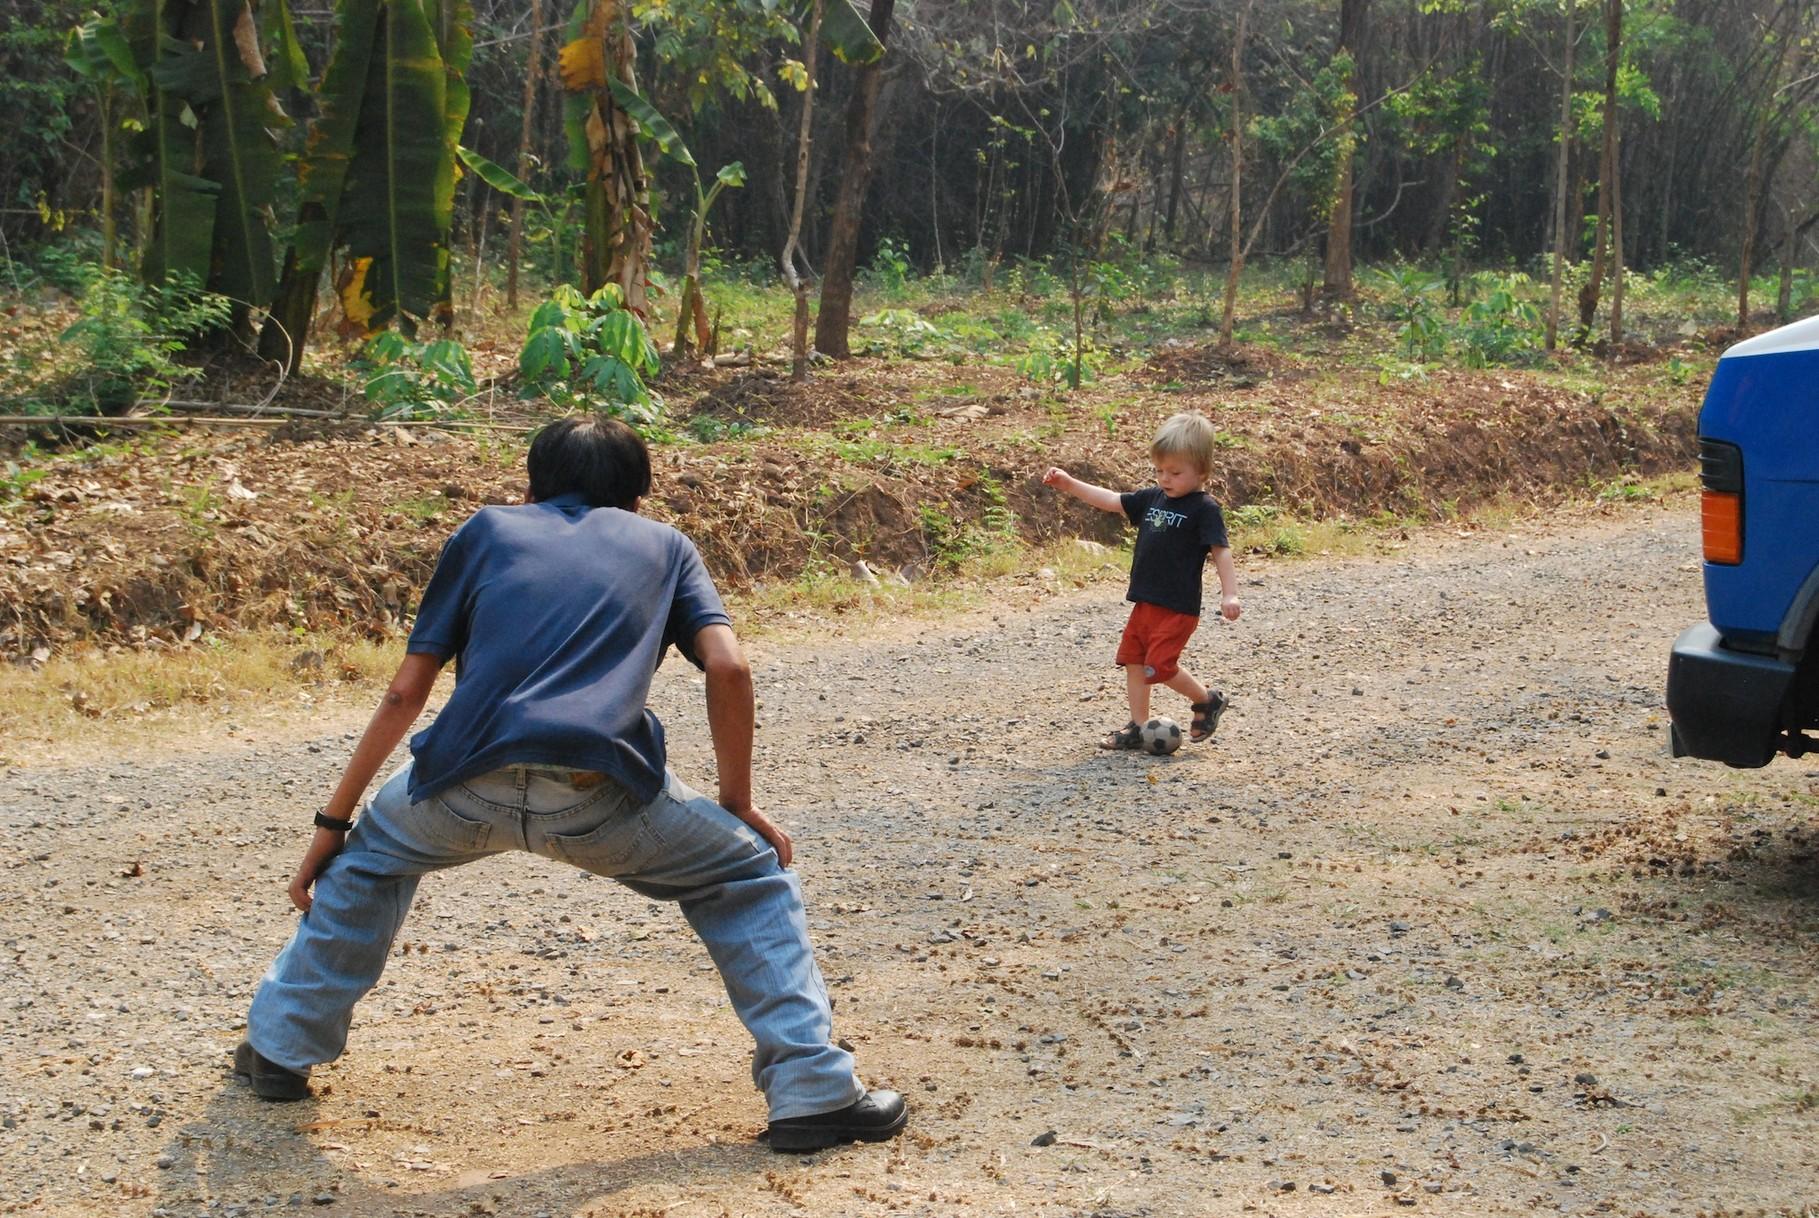 La und Eliah beim Fußballspielen